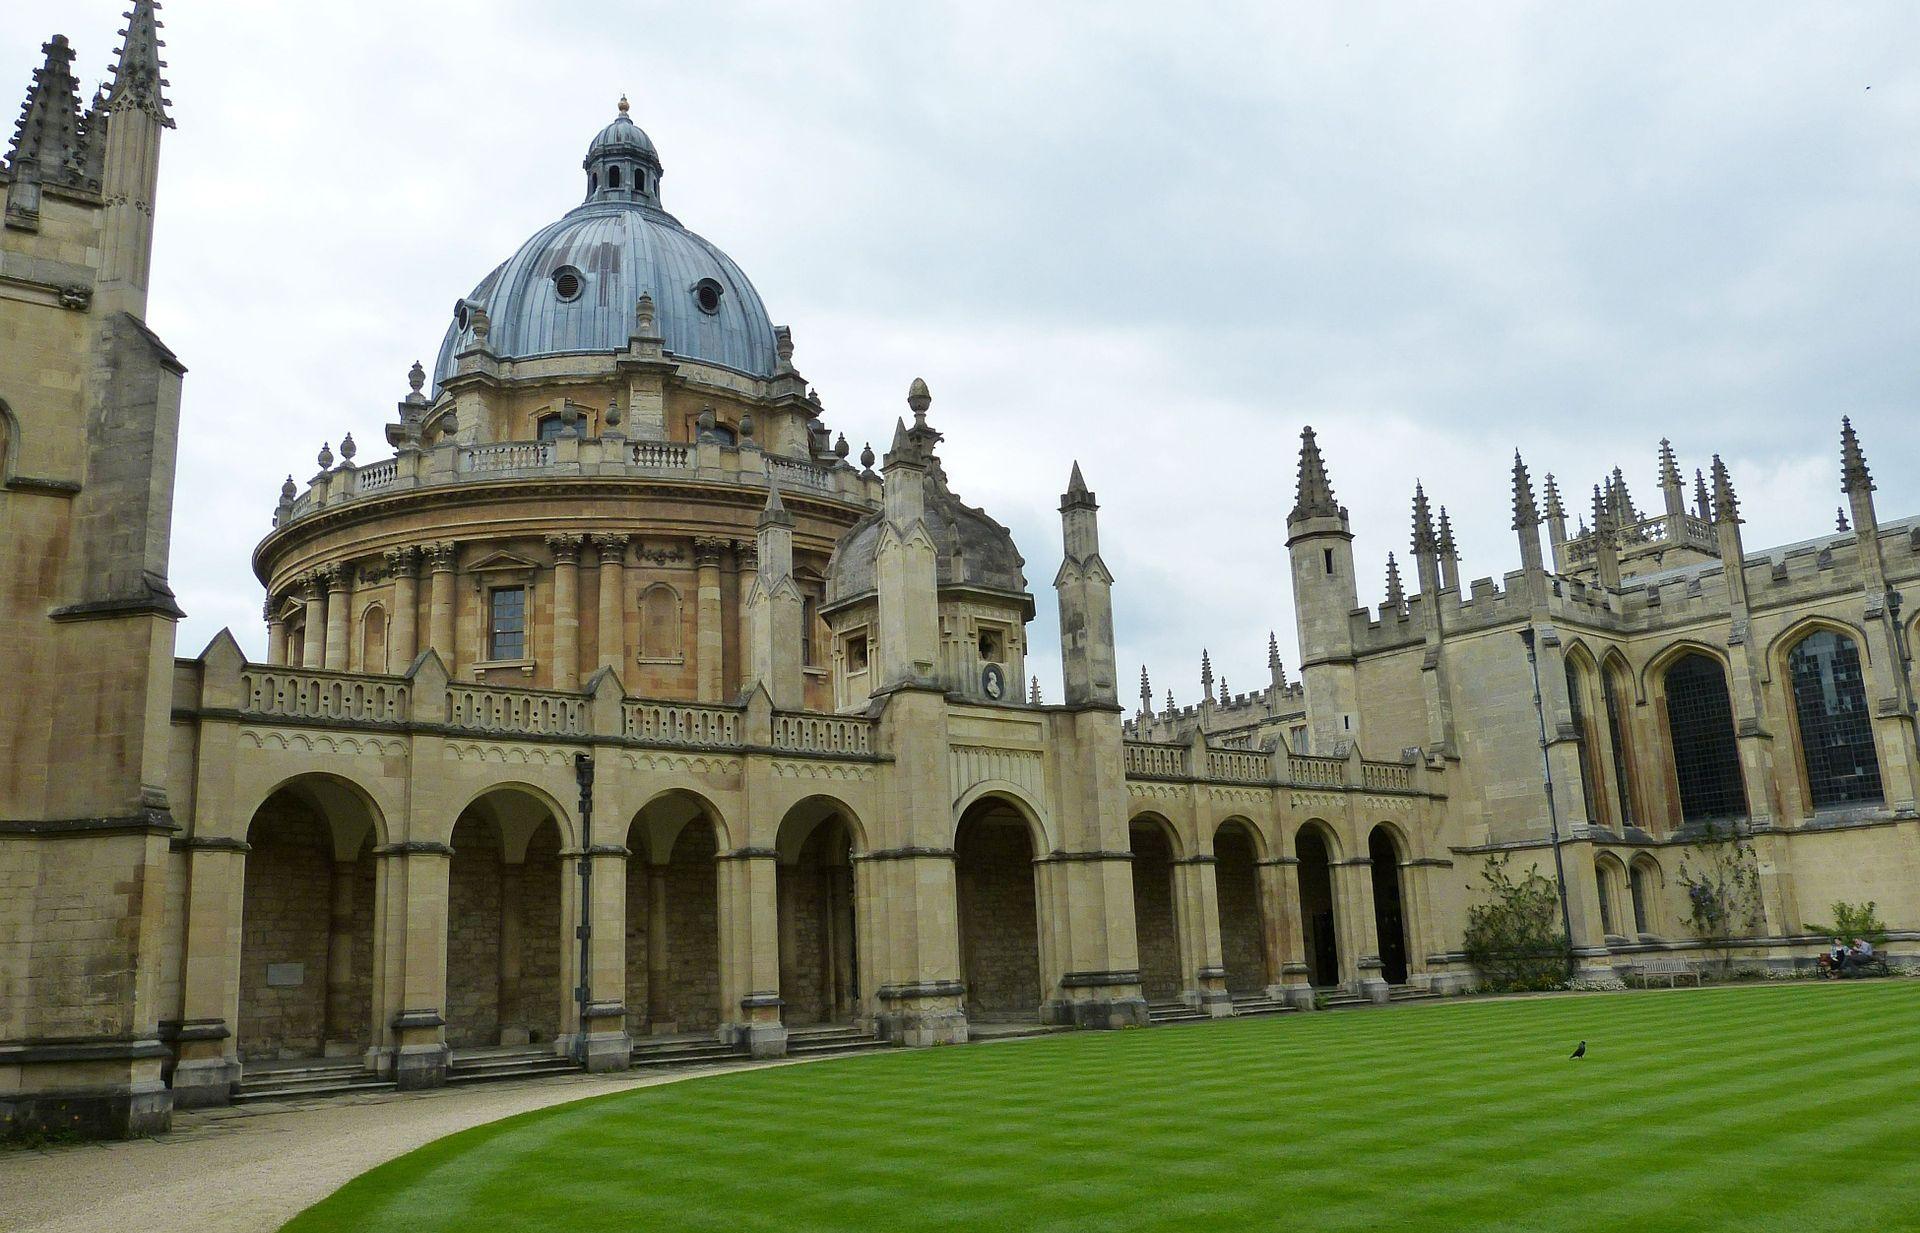 Oxford najbolje svjetsko sveučilište, Sveučilište u Zagrebu tek na 801. mjestu